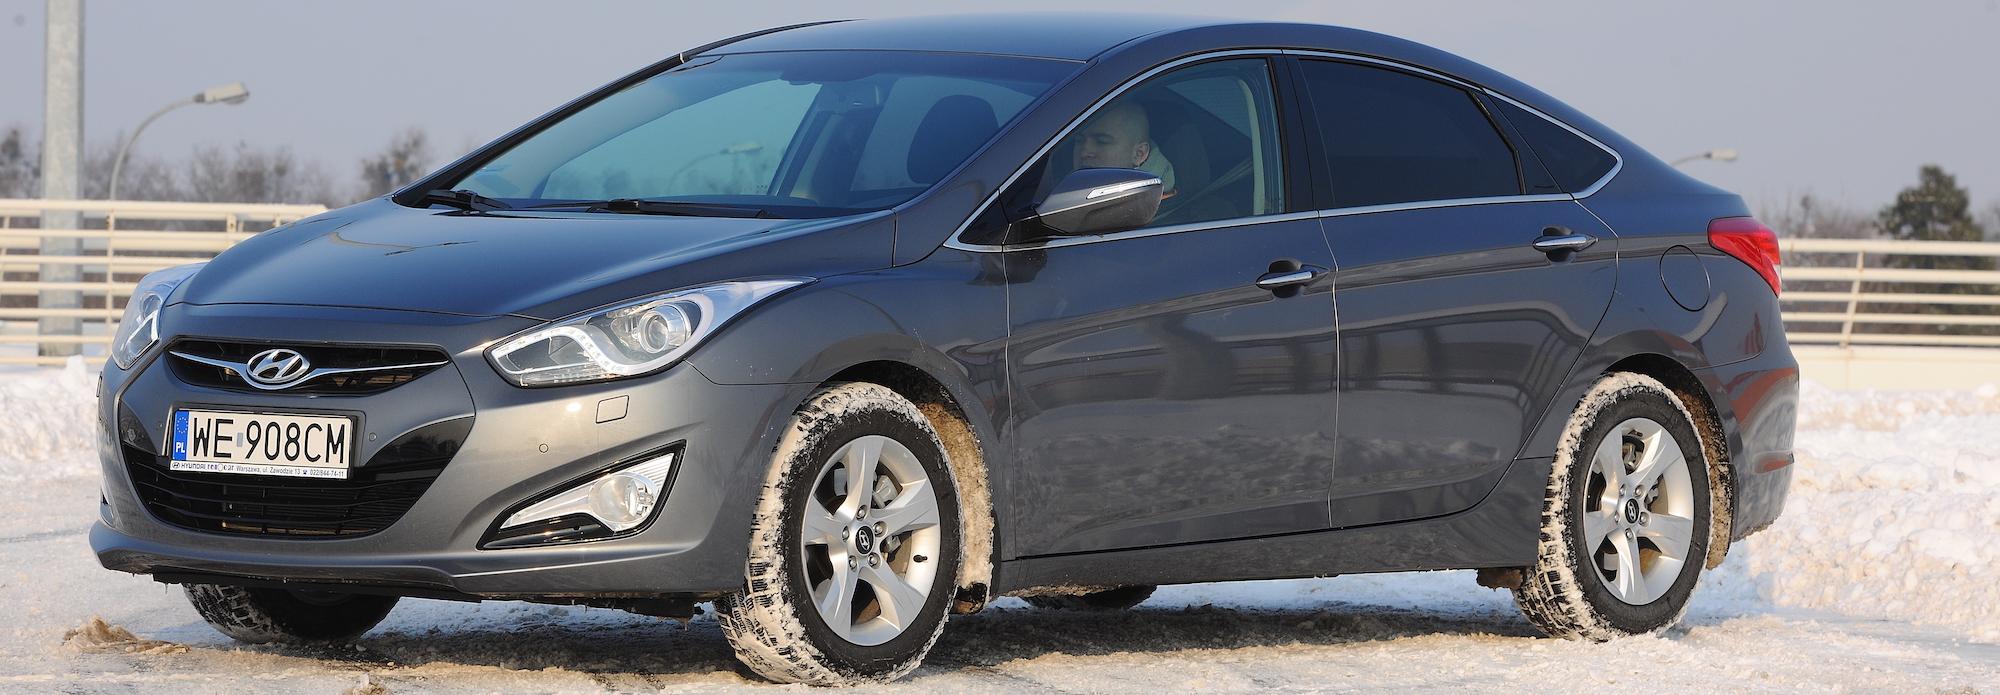 Hyundai i40 (2011-2019)